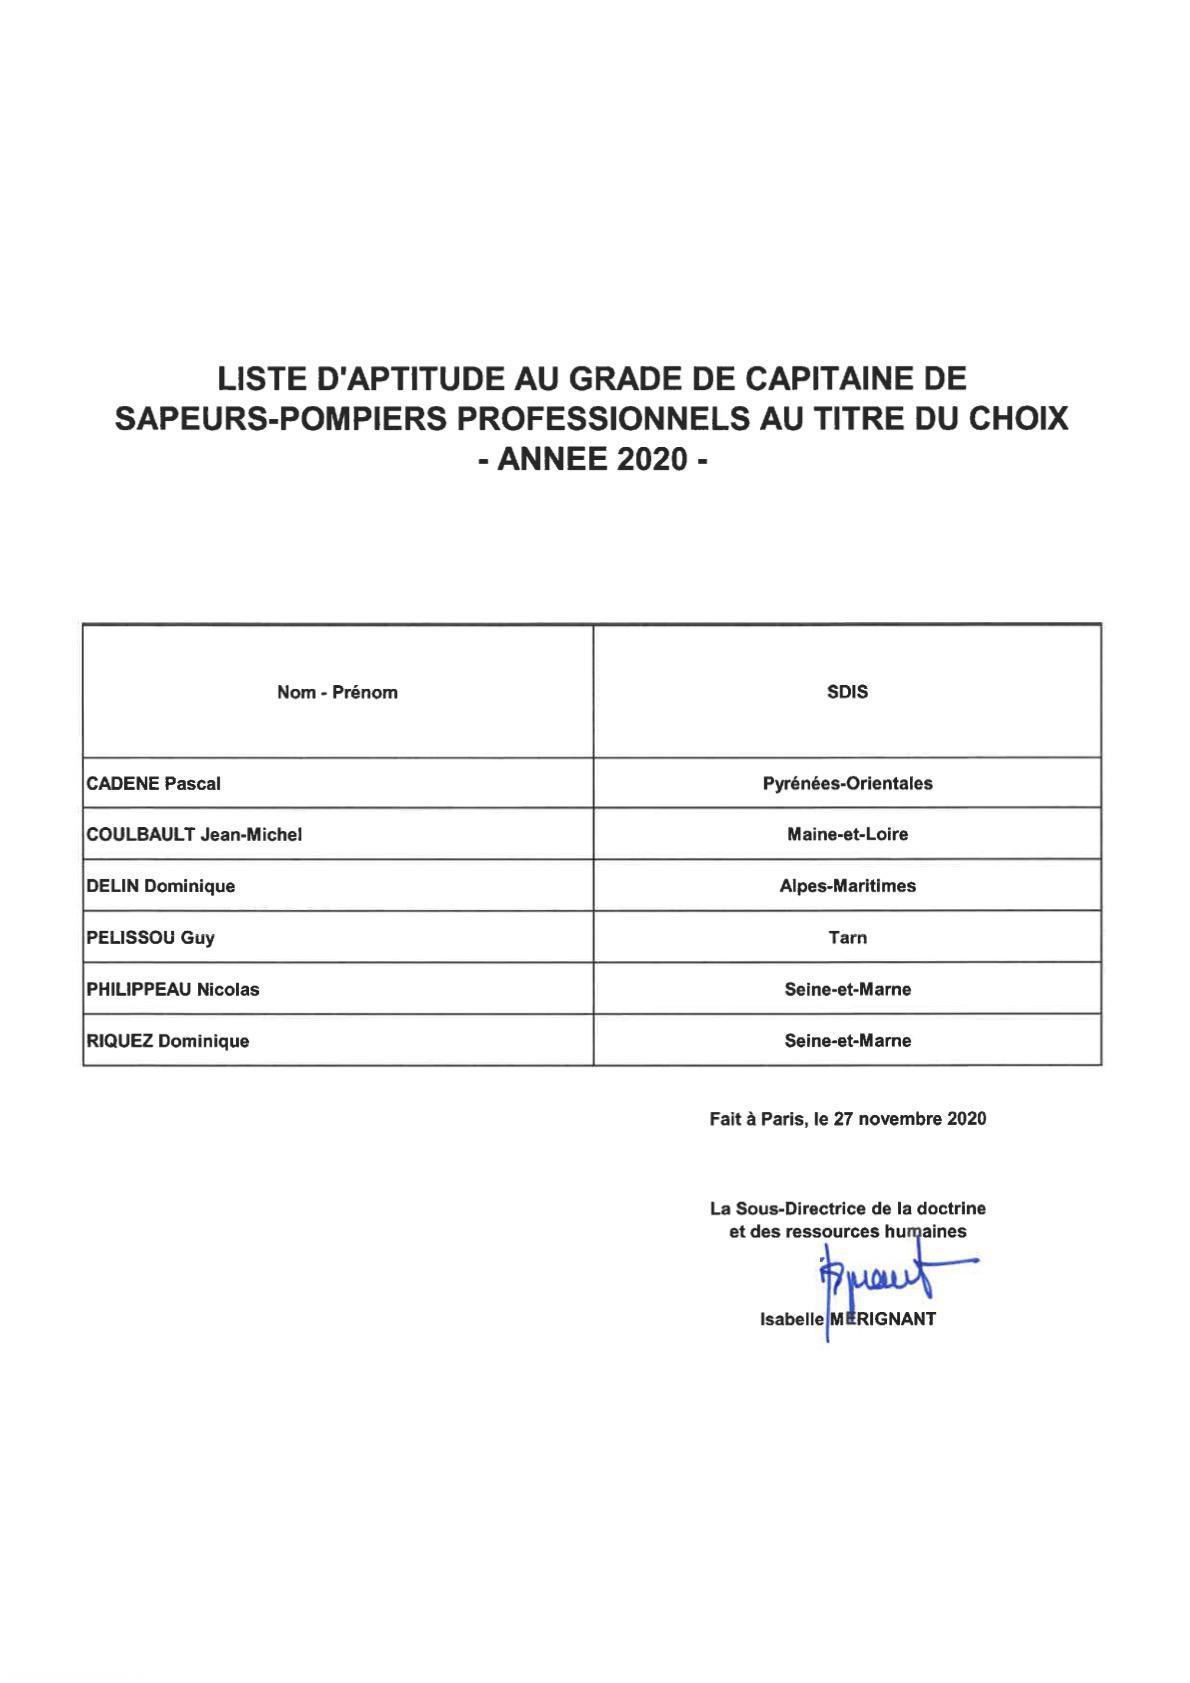 Liste d'aptitude au grade de Capitaine SPP au titre du choix année 2020